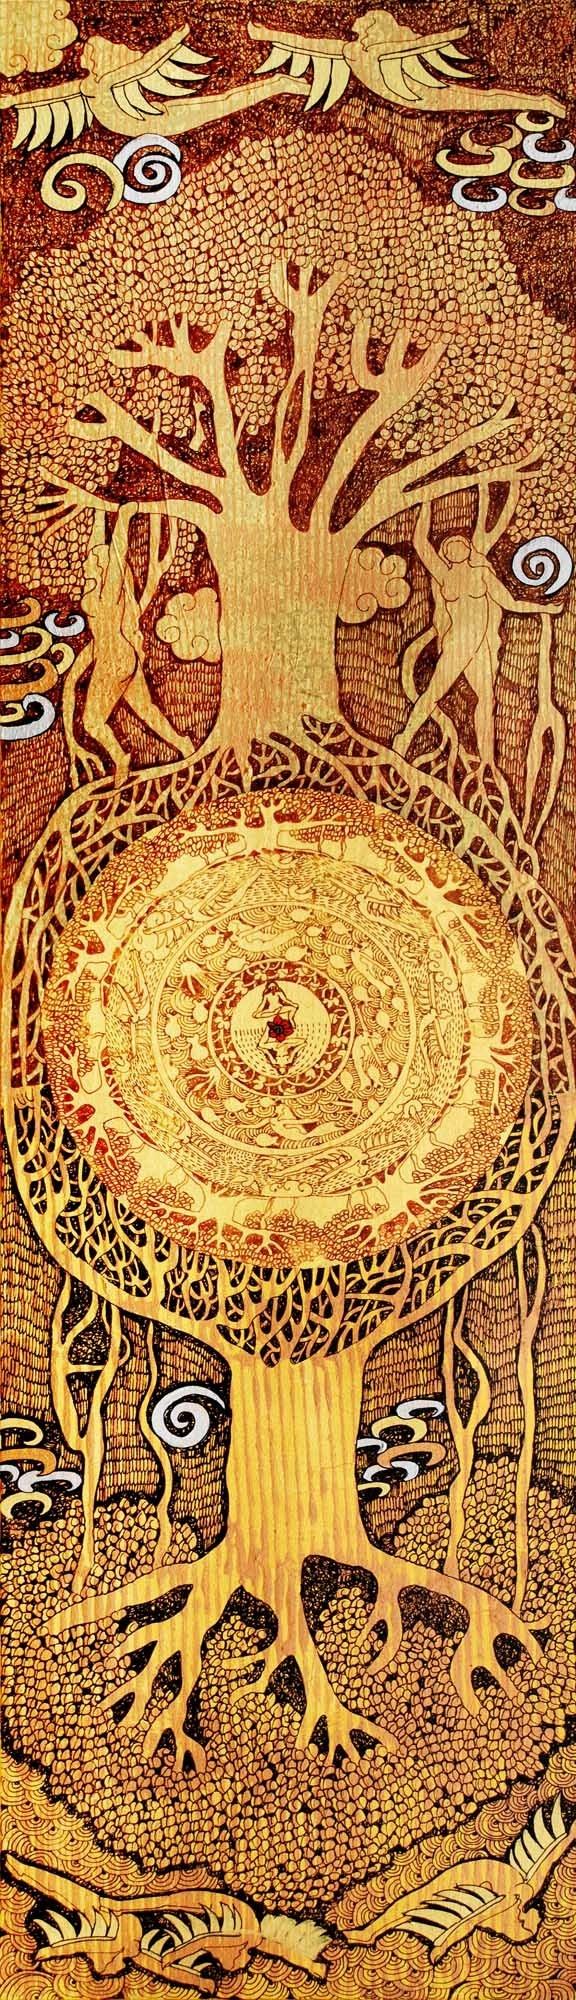 Tree of Life Series by Seema Kohli